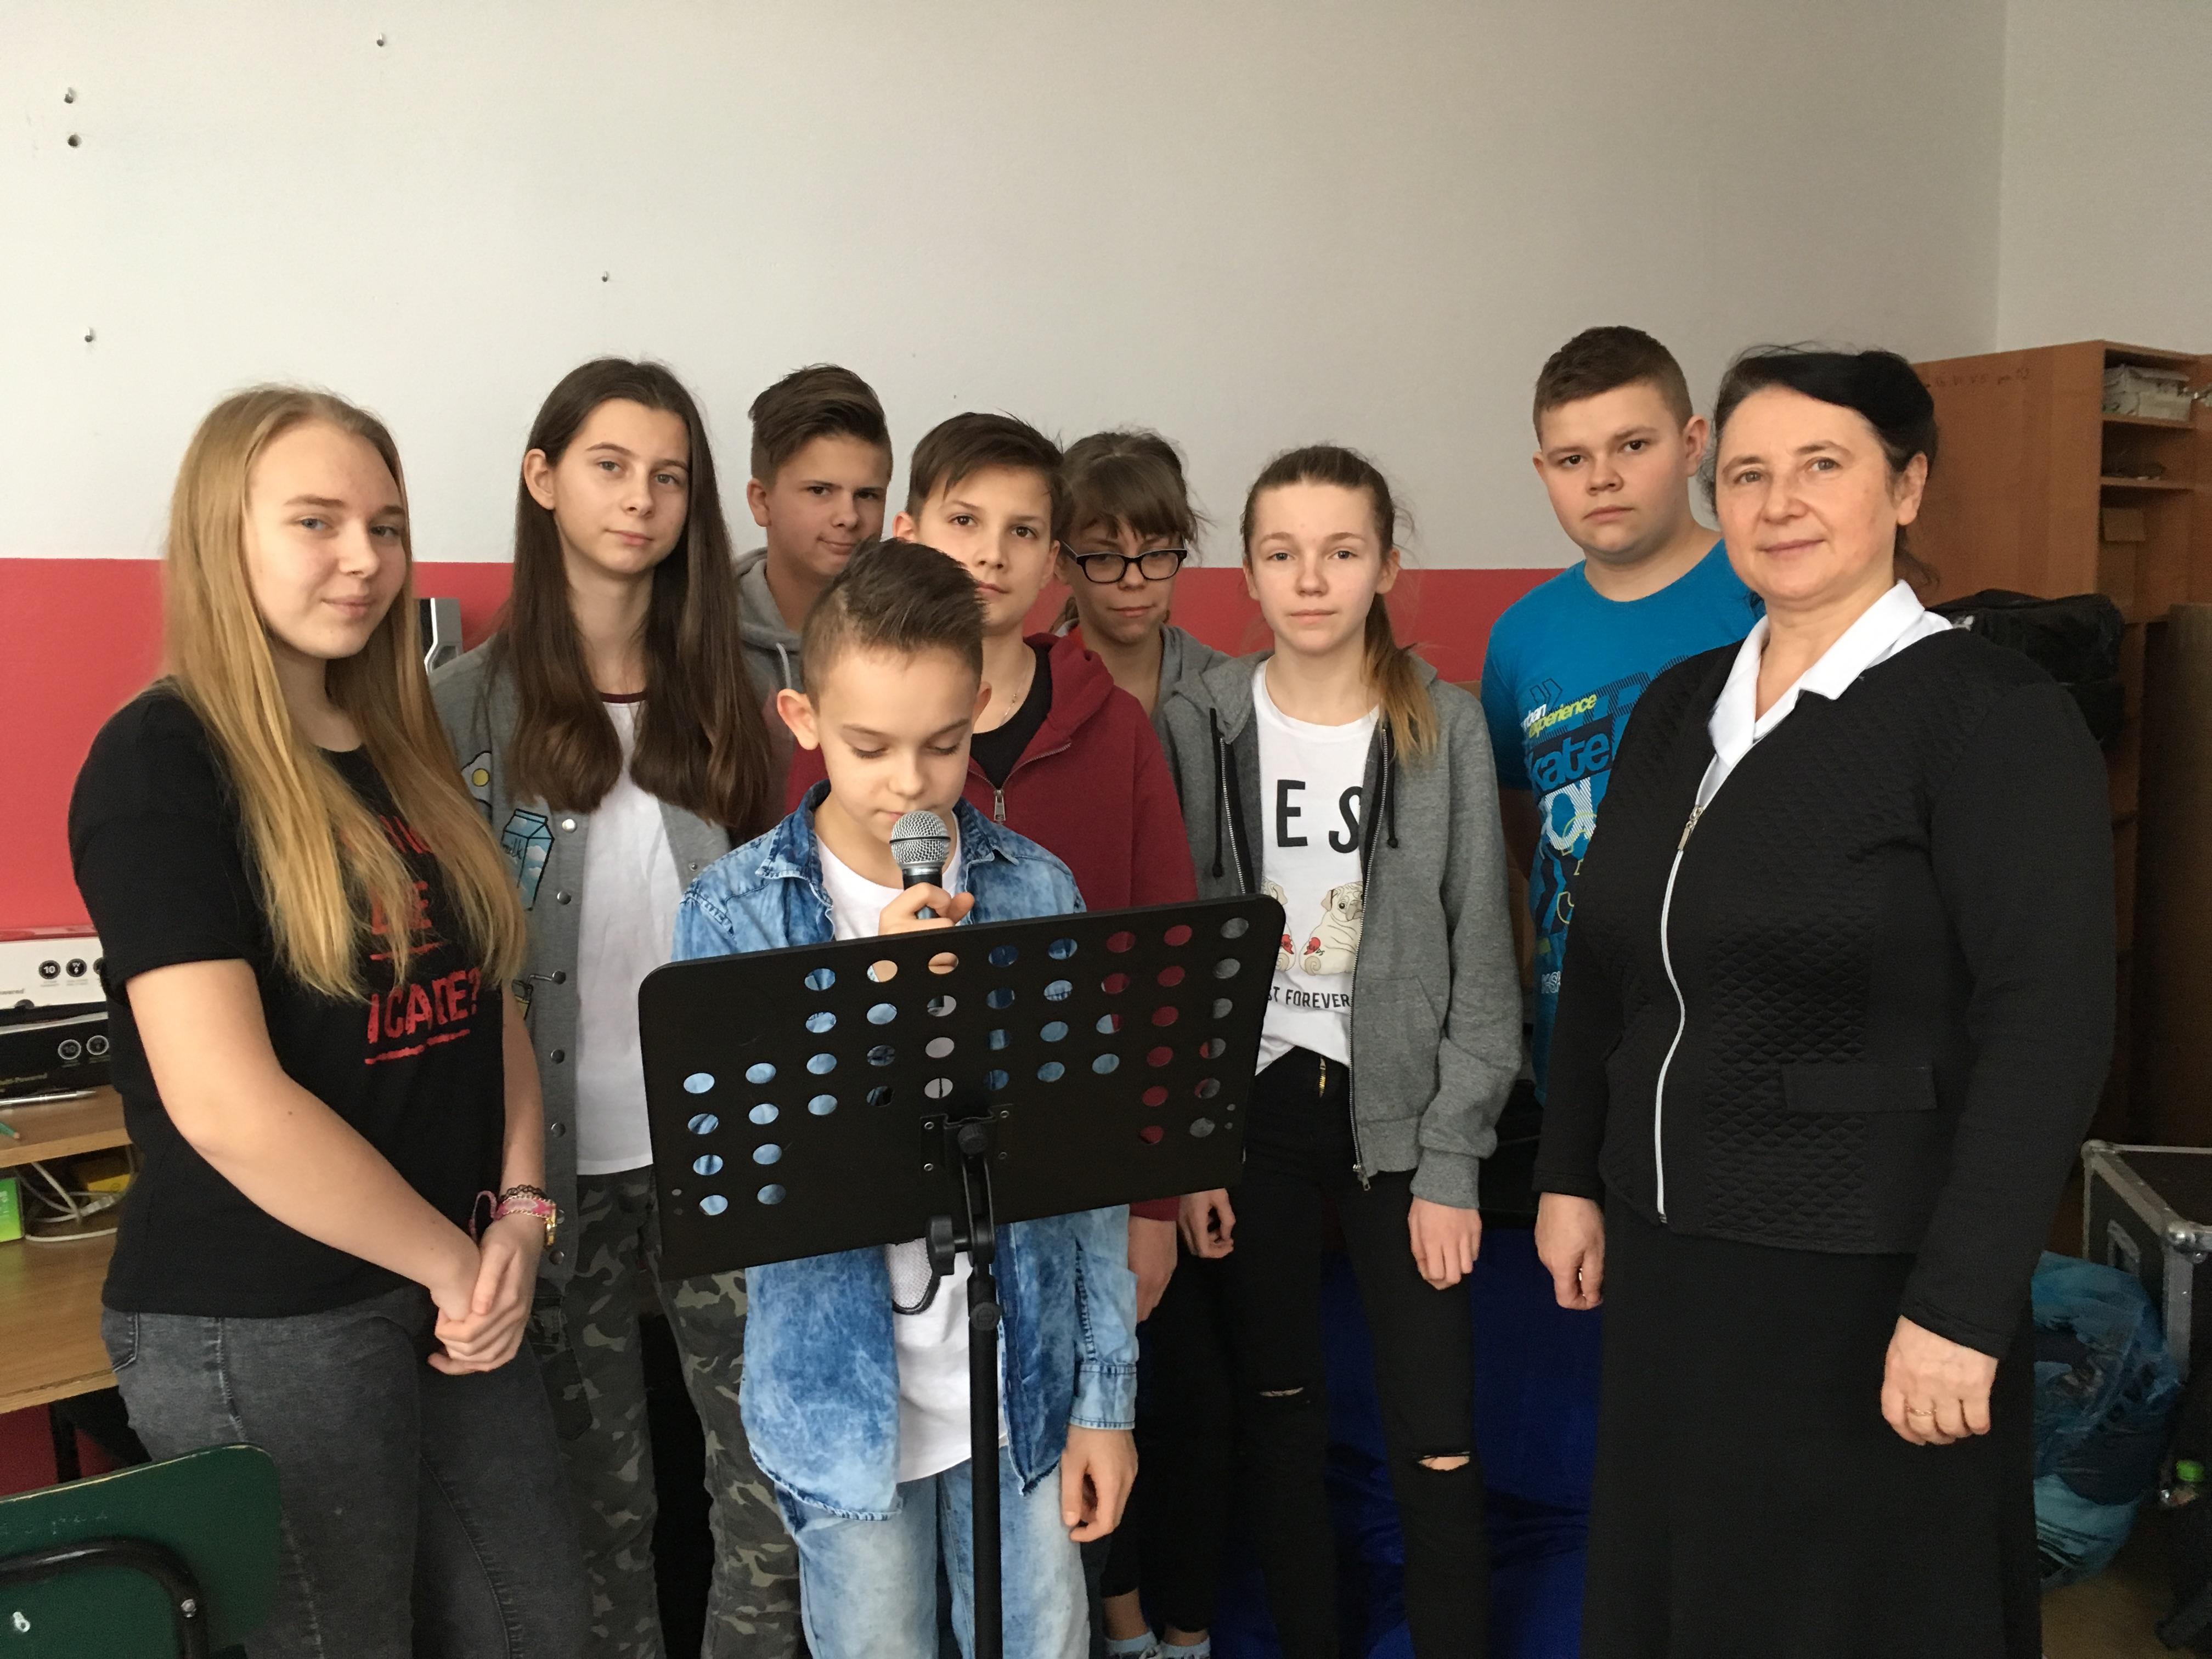 Szkoła w Skórcu - słuchowisko o bł. Honoracie przez szkolny radiowęzeł (7 XII 2017)